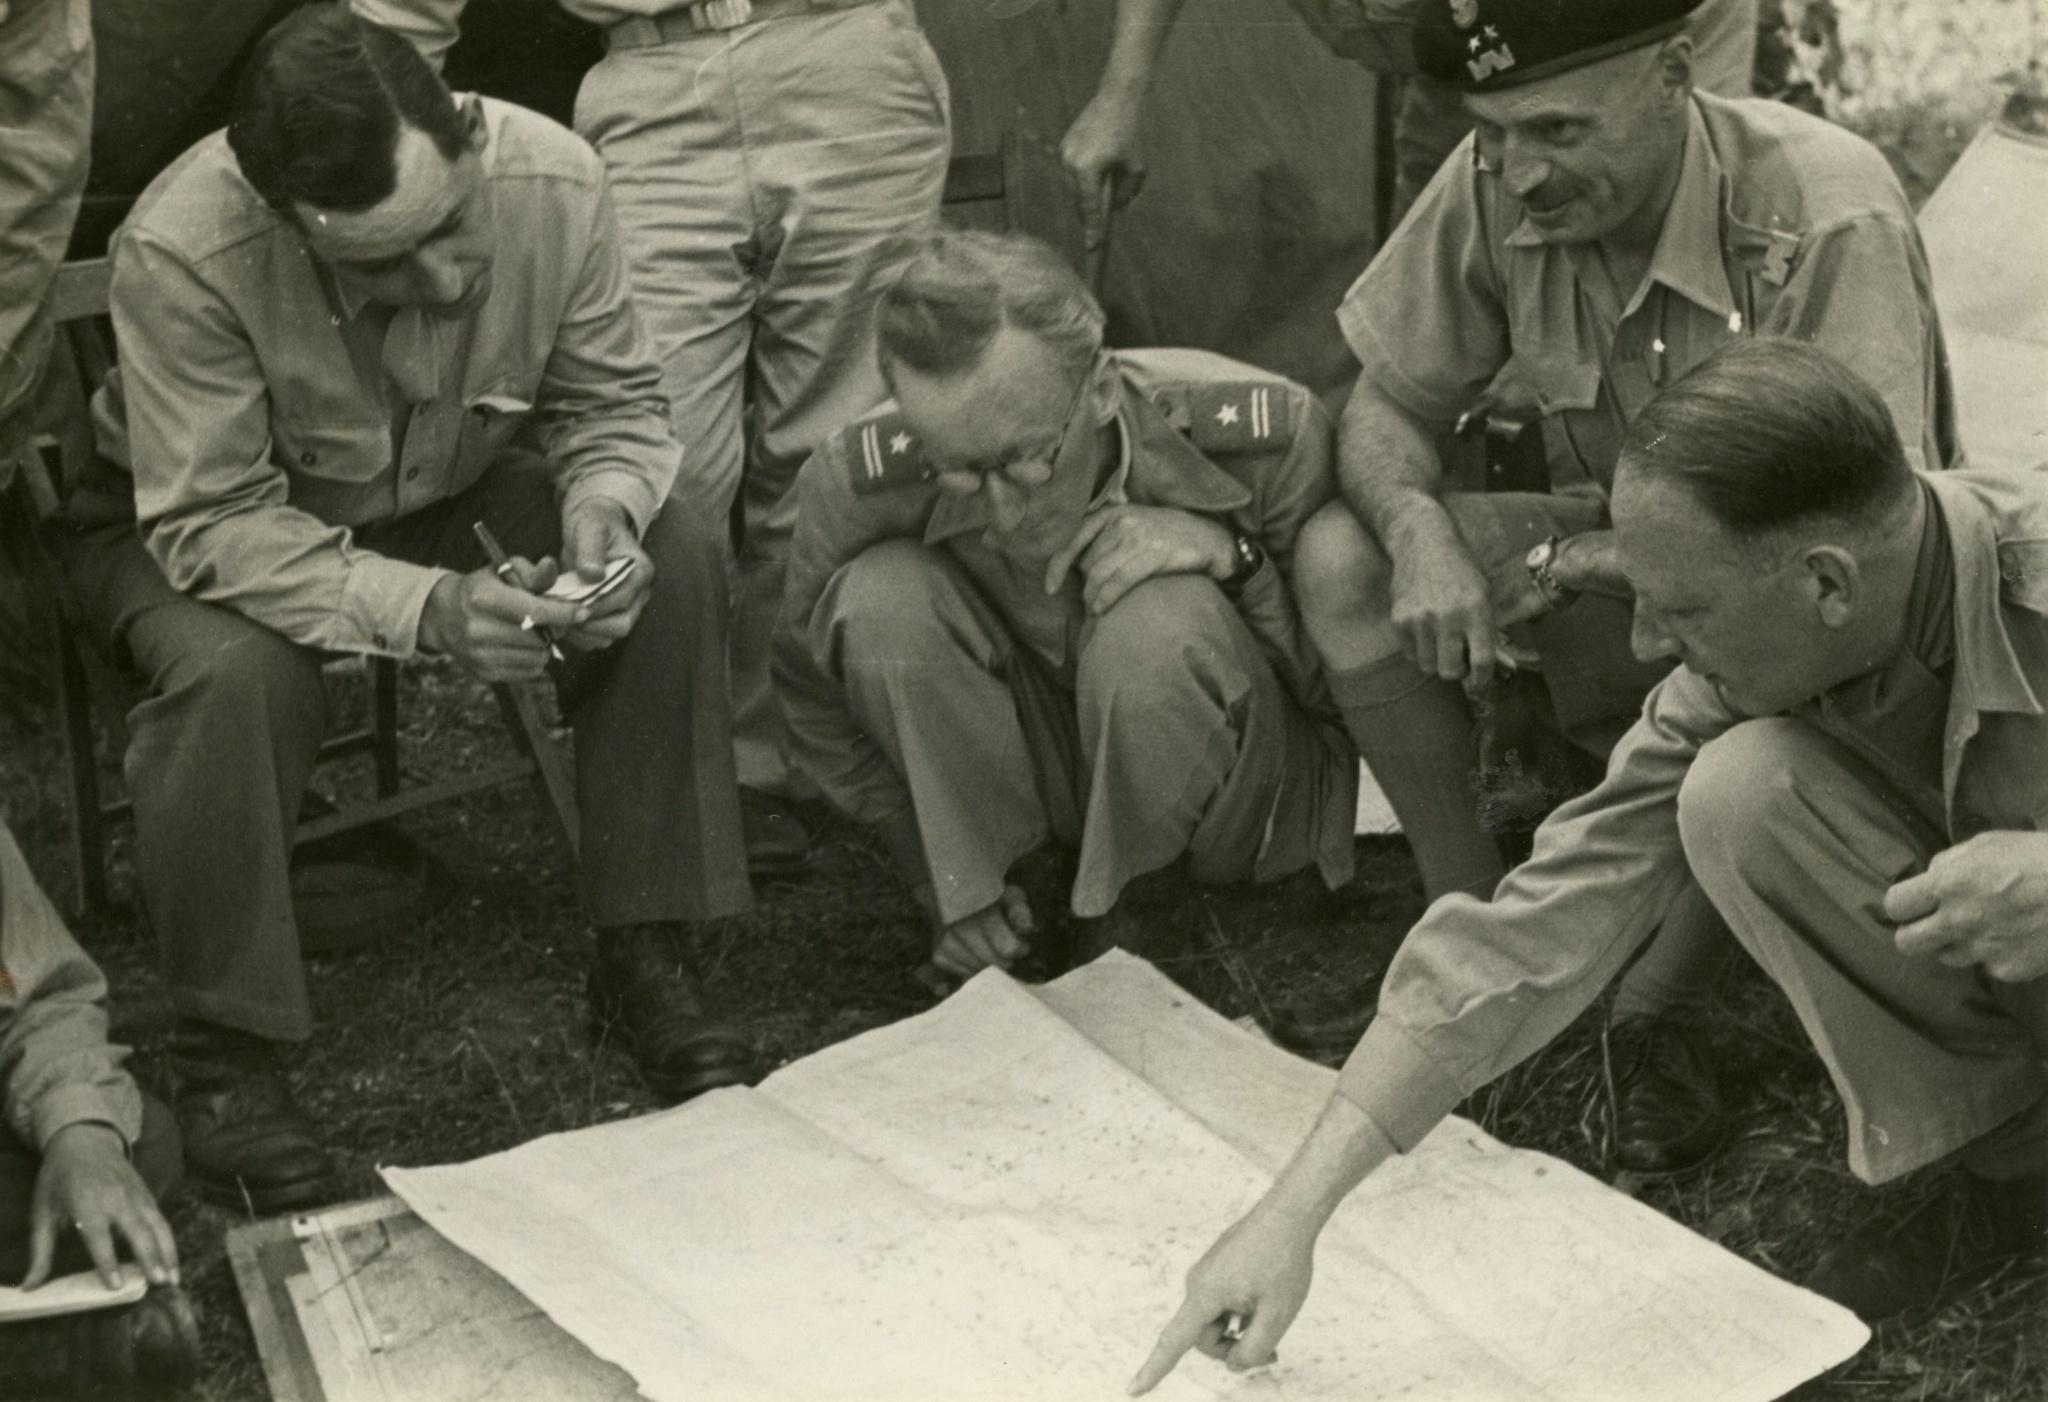 """<div class='inner-box'><div class='close-desc'></div>  <span class='opis'>Józef Czapski (kuca), obok generał Władysław Anders (w berecie) i Eugeniusz Lubomirski (pierwszy z prawej). Na odwrocie zdjęcia napis: """"Wywiad dla Anglików"""". Monte Cassino 1944</span>   </div>"""